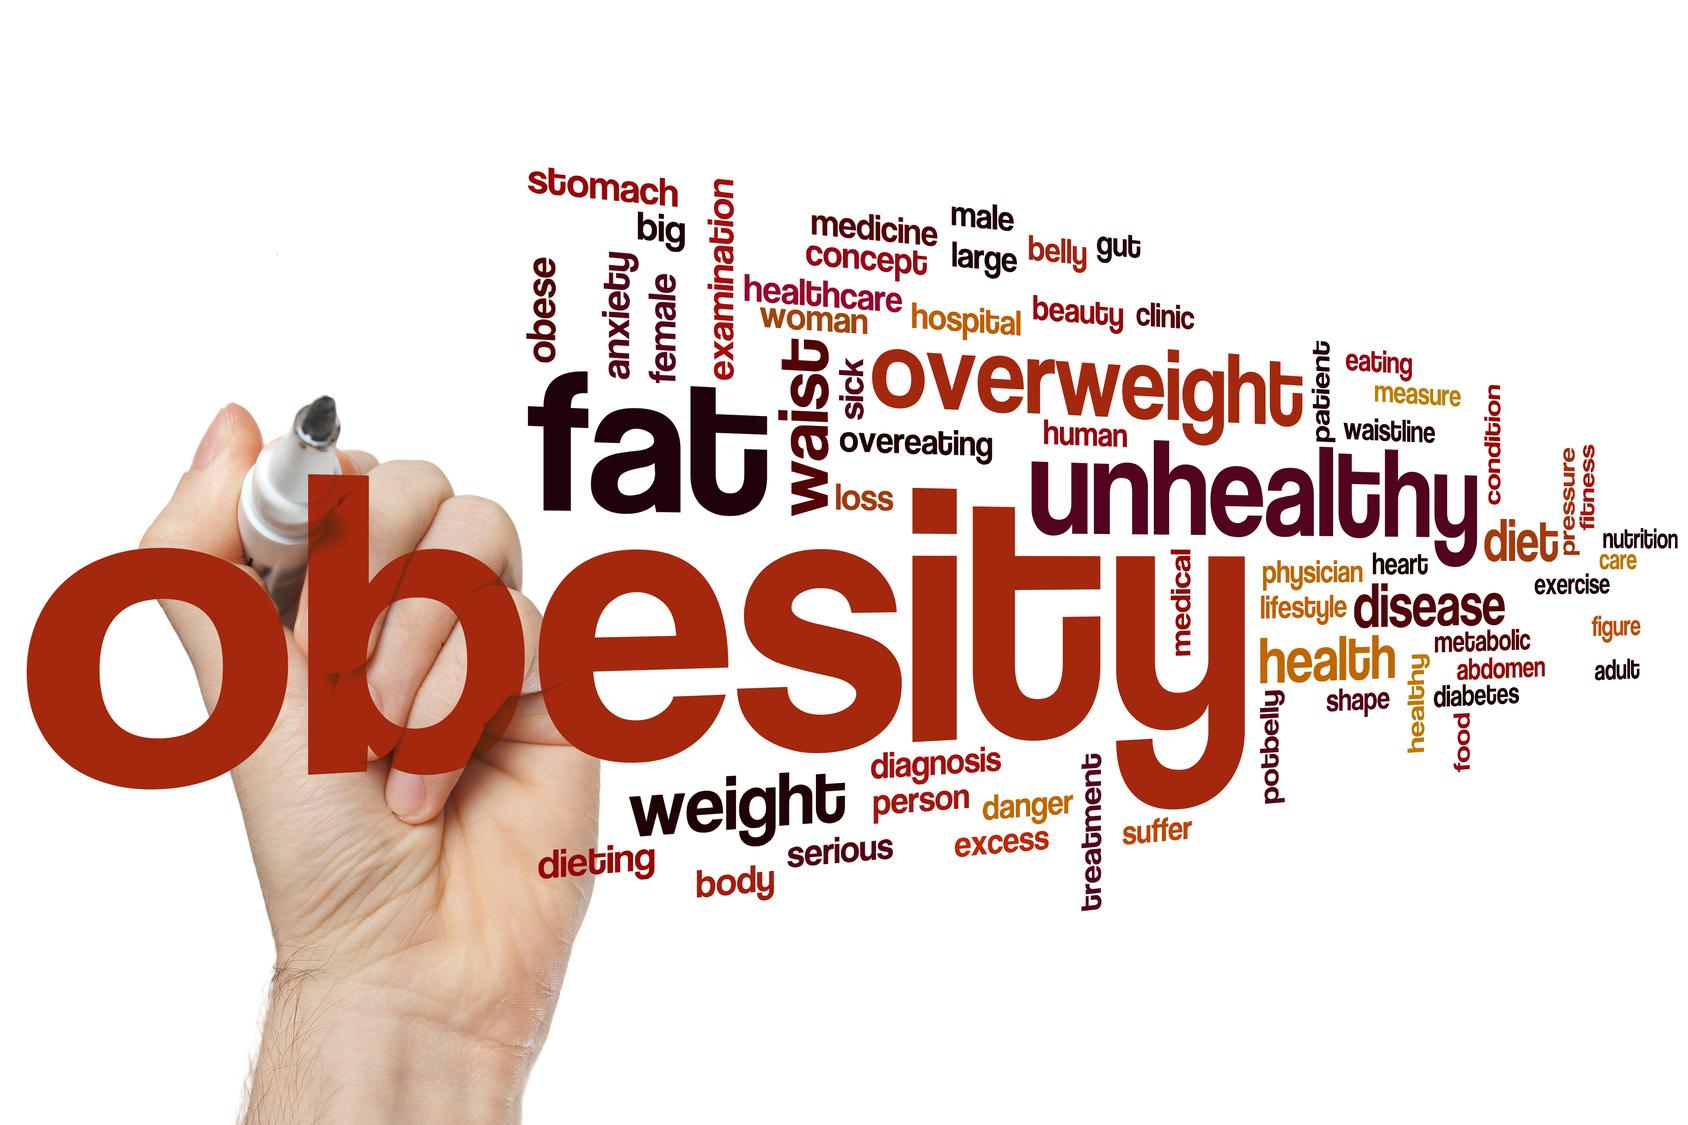 Obesità aspettativa di vita